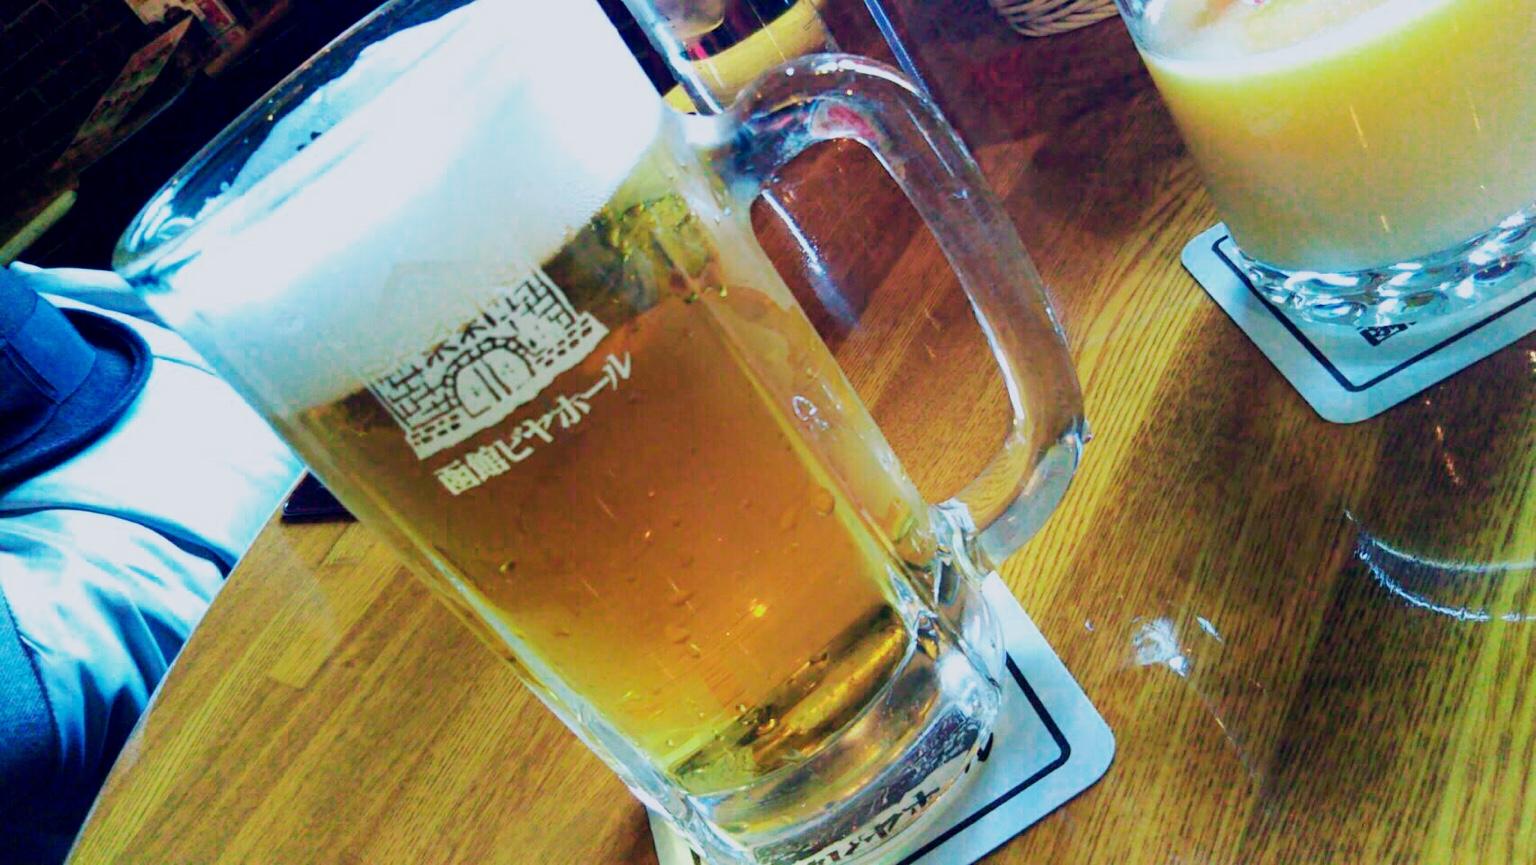 函館ビヤホールで昼から飲める!金森赤レンガ倉庫